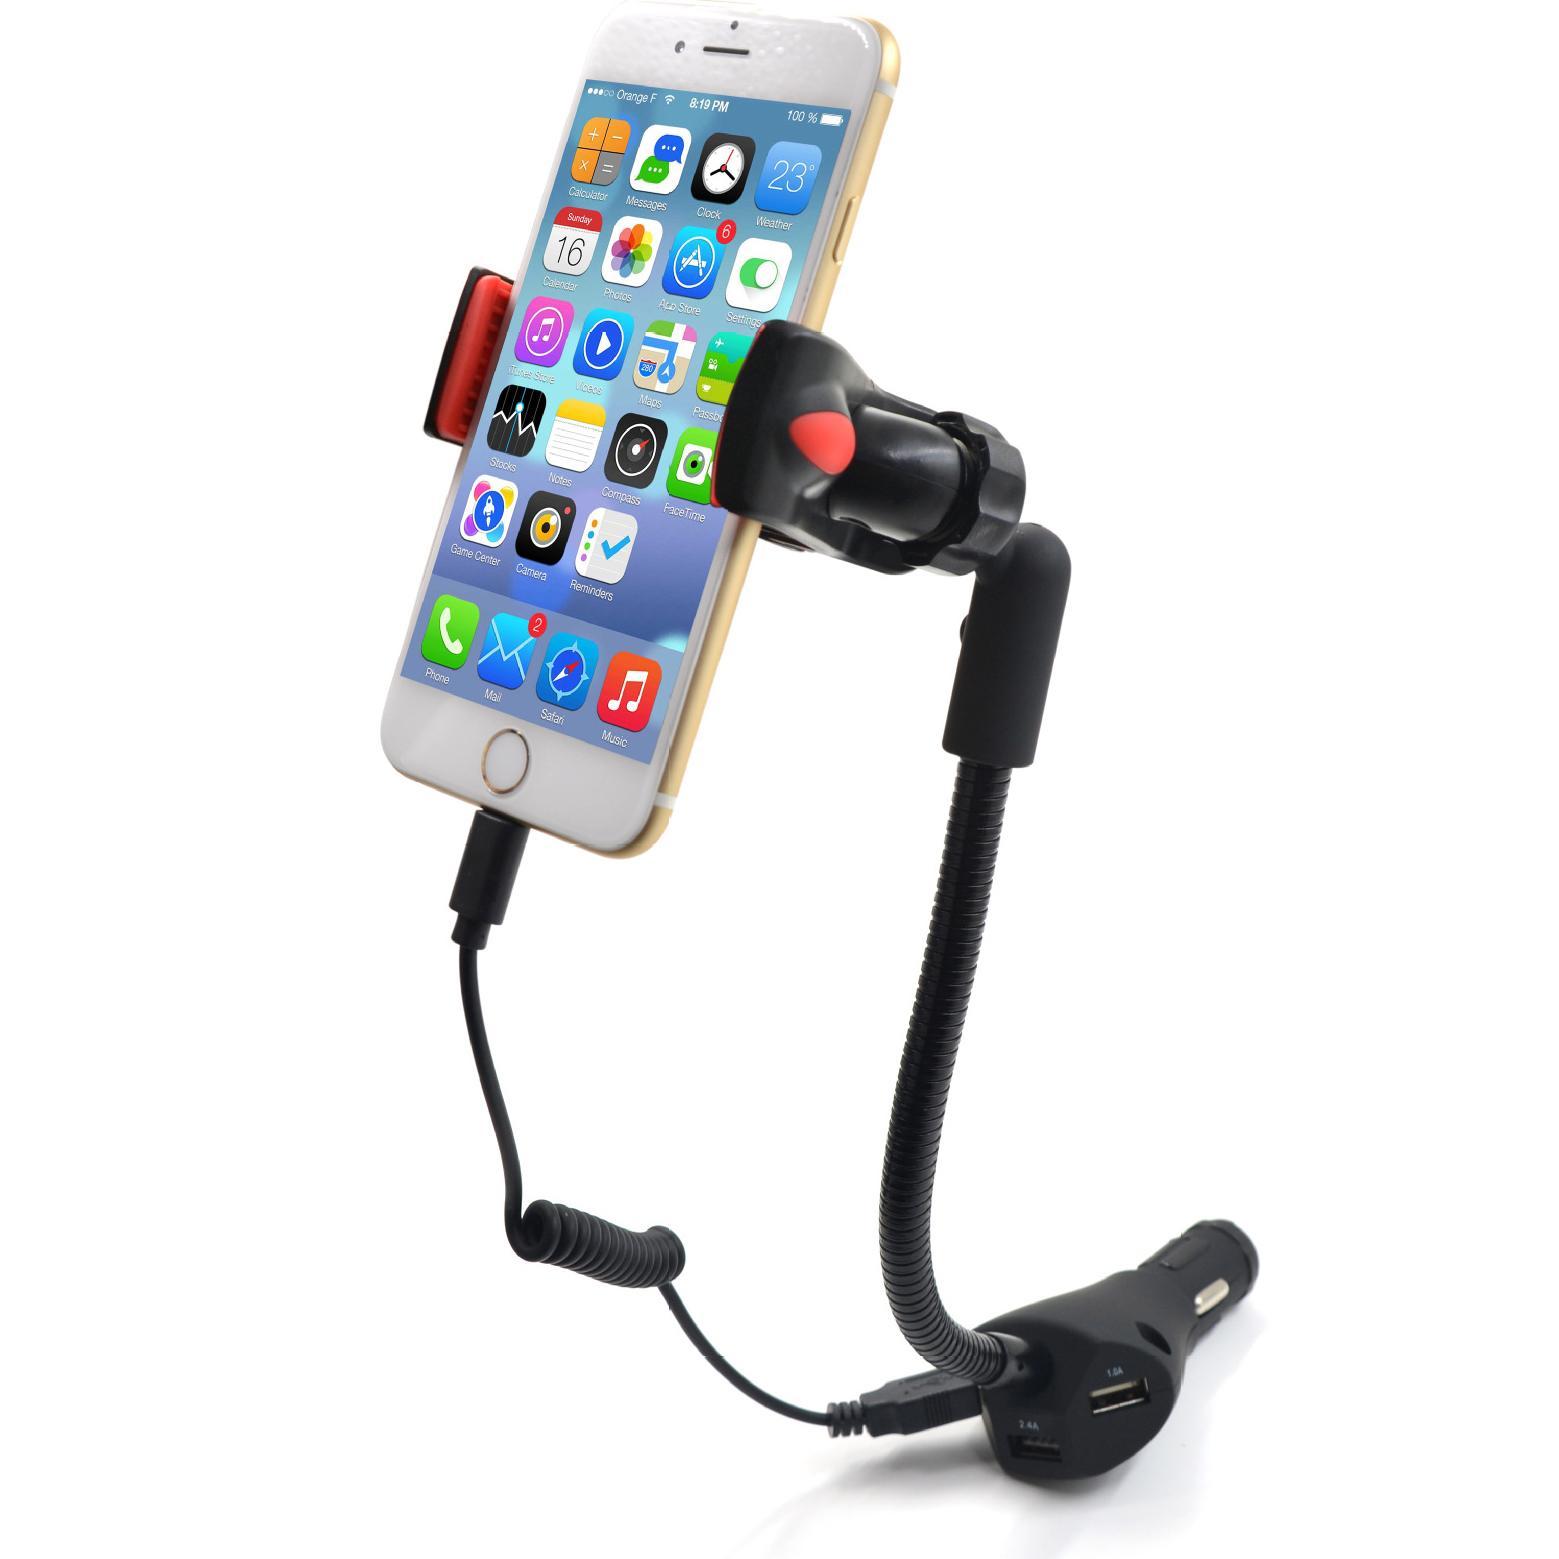 Handyhalterung Kfz Autotelefonhalter Mit 3 Usb Port Ladegerät 5v 5 5a Kfz Ladegerät Halterung Ständer Für Iphone Samsung Universal 3 5 6 3 Smartphones